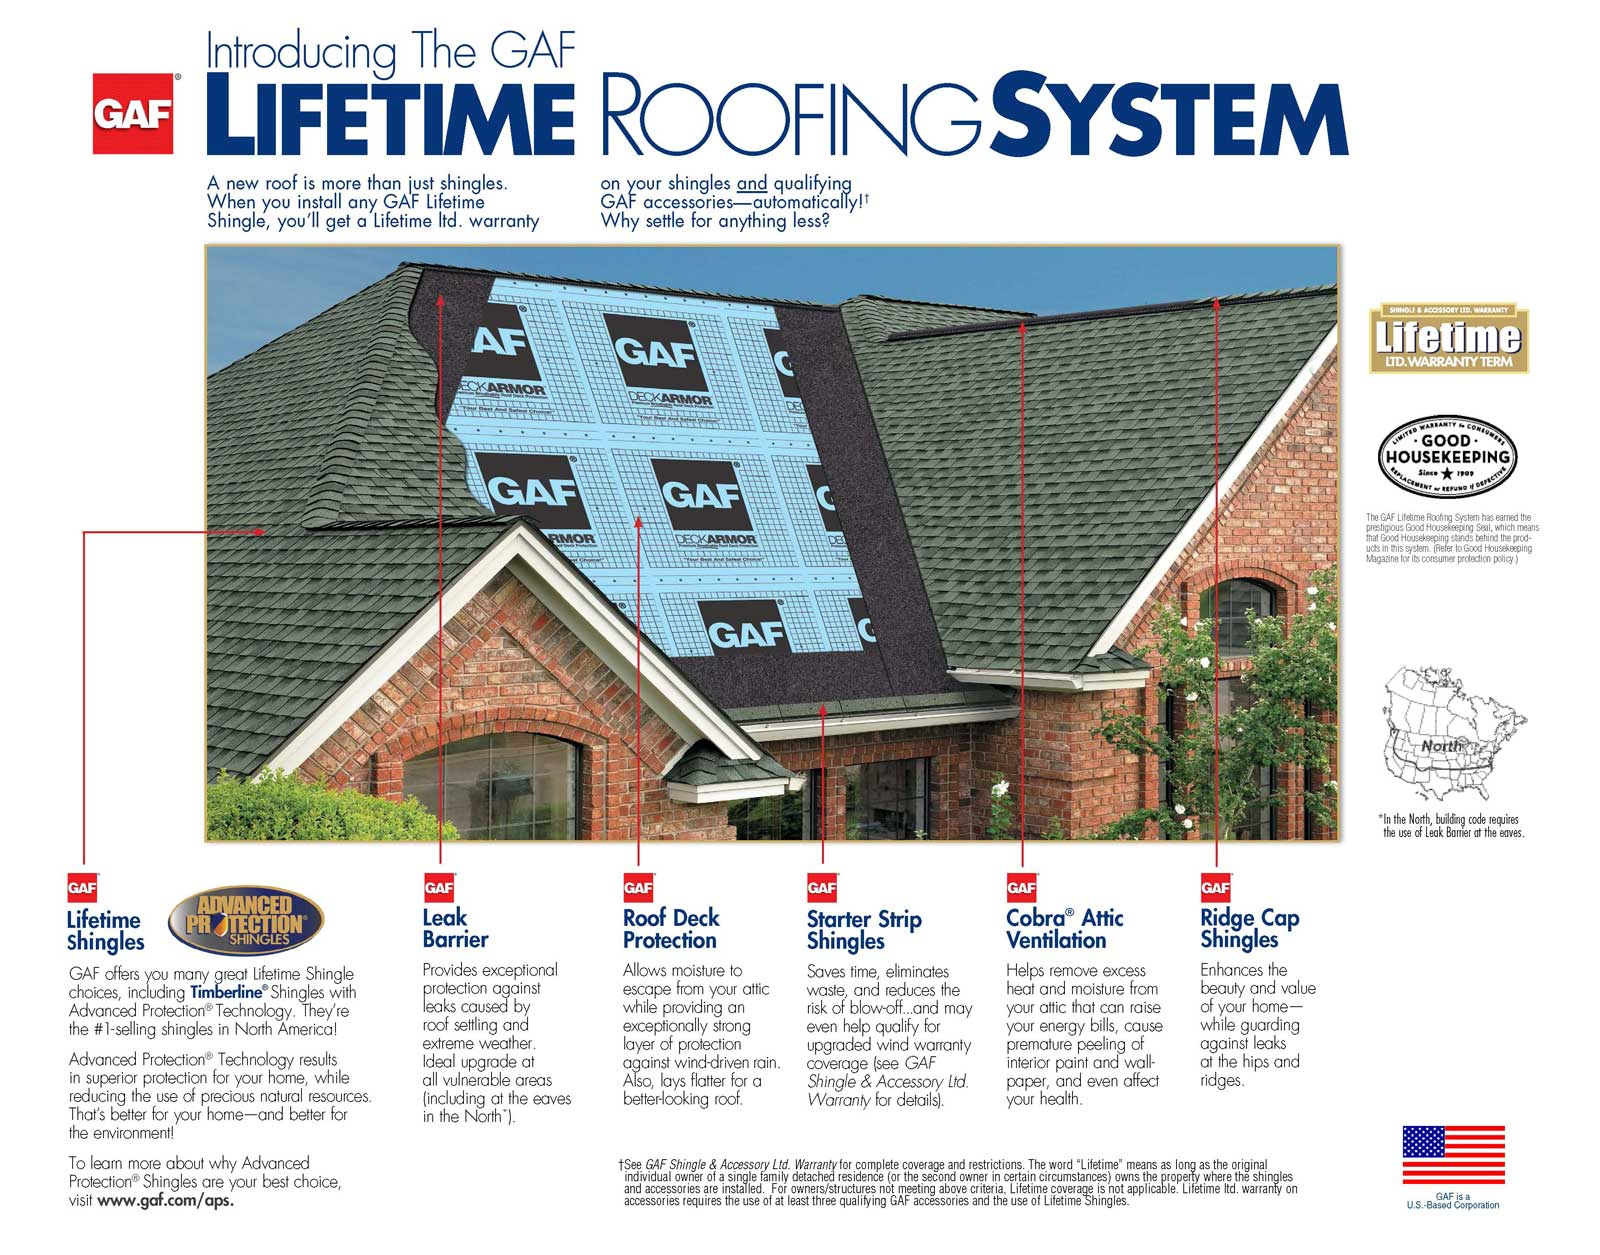 Wonderful GAF Lifetime Roofing System